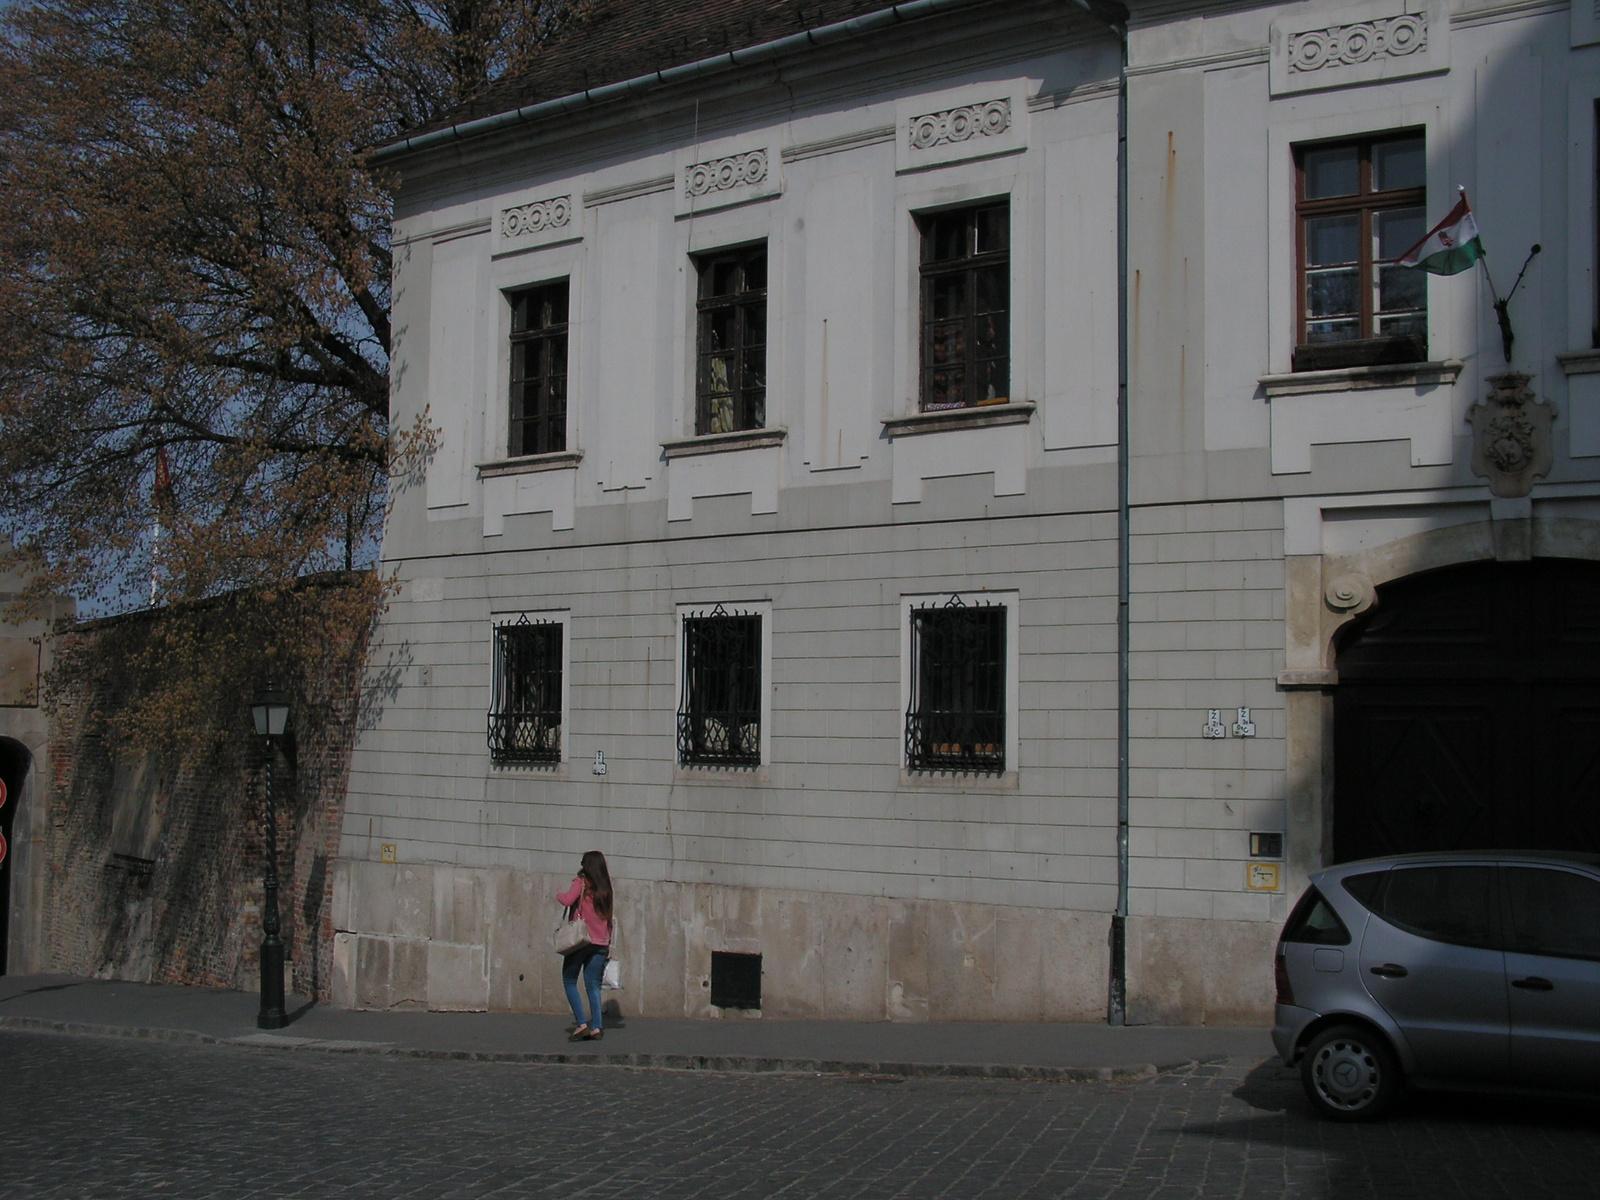 Budapest, a Budai várnegyed, SzG3